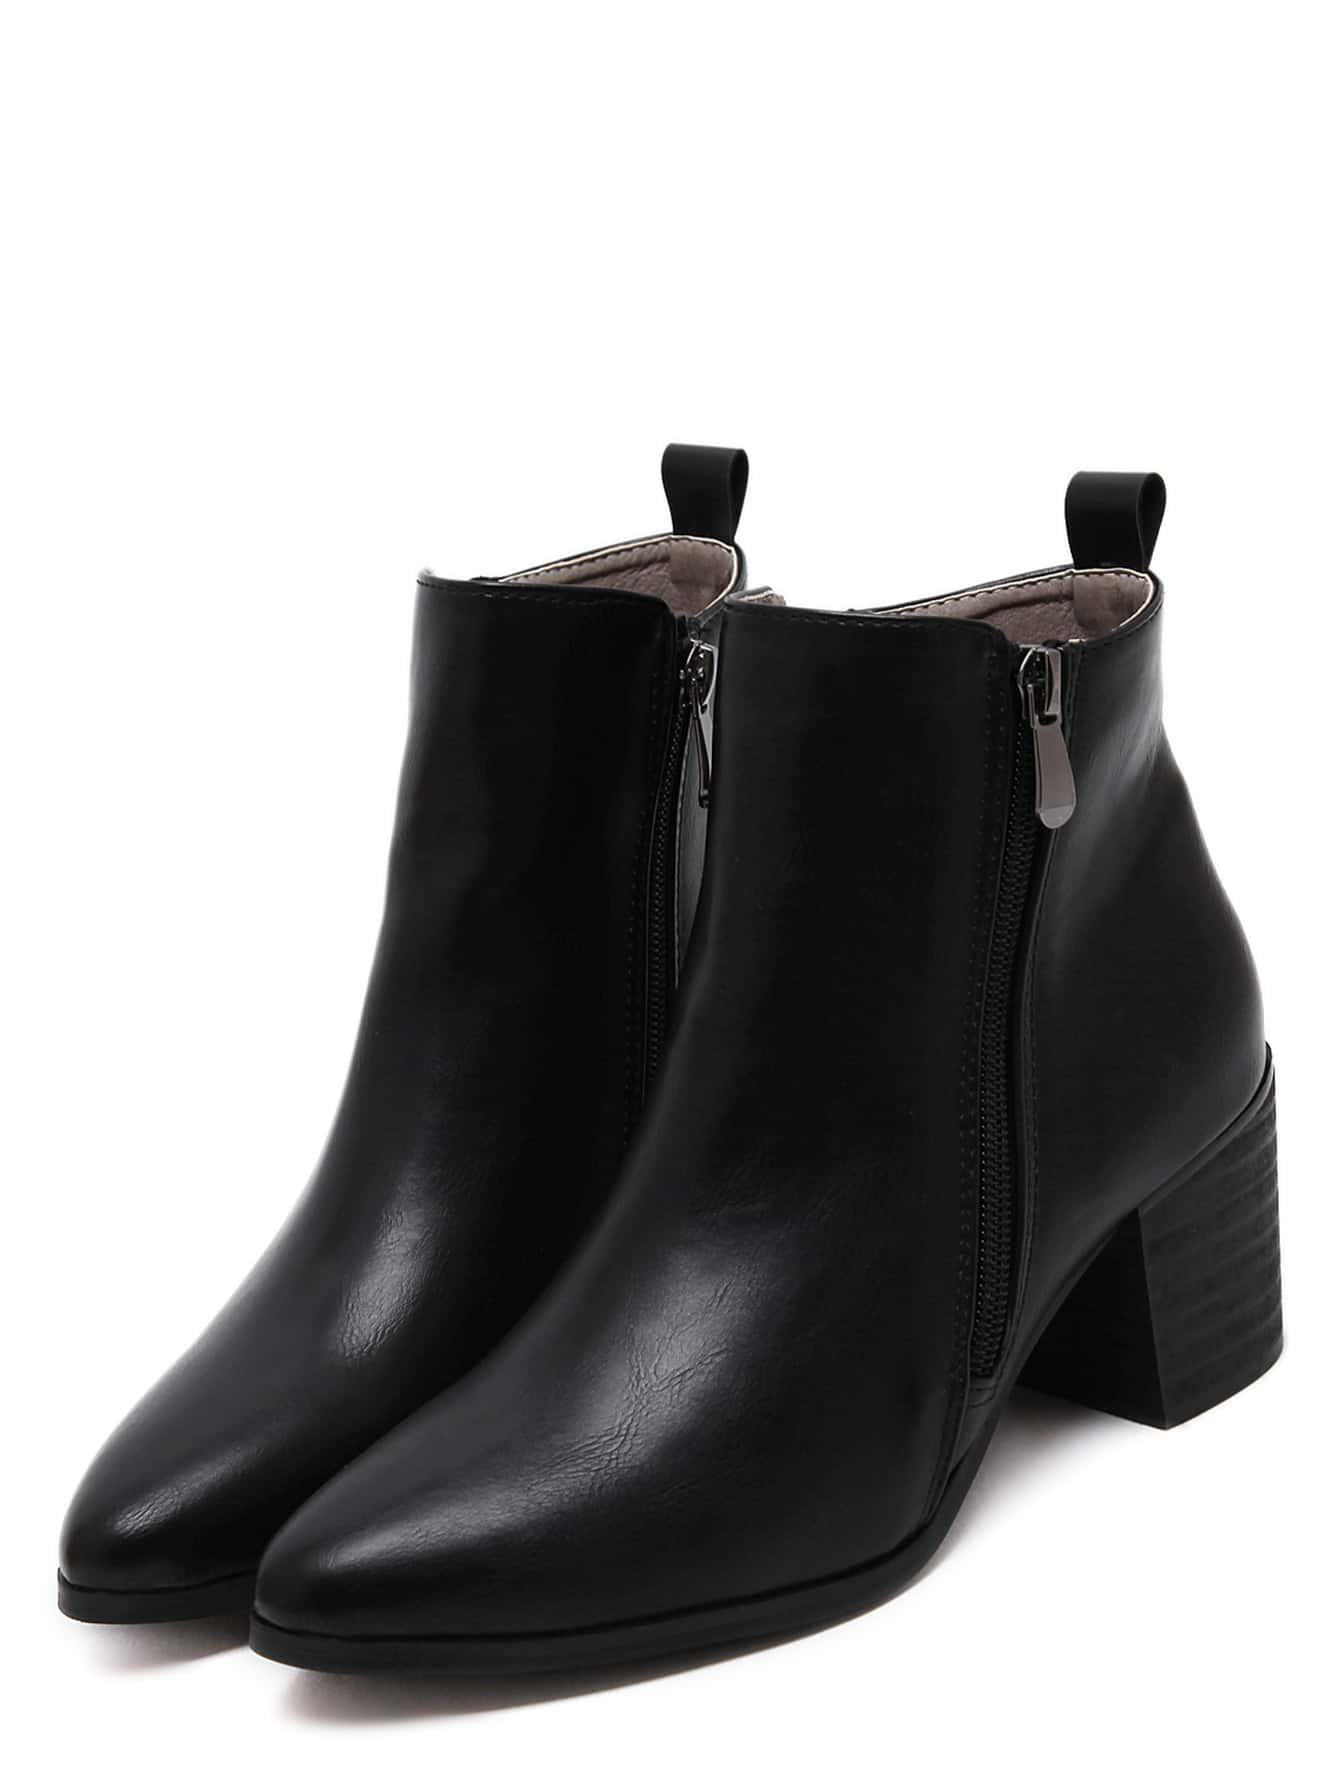 shoes161004802_2